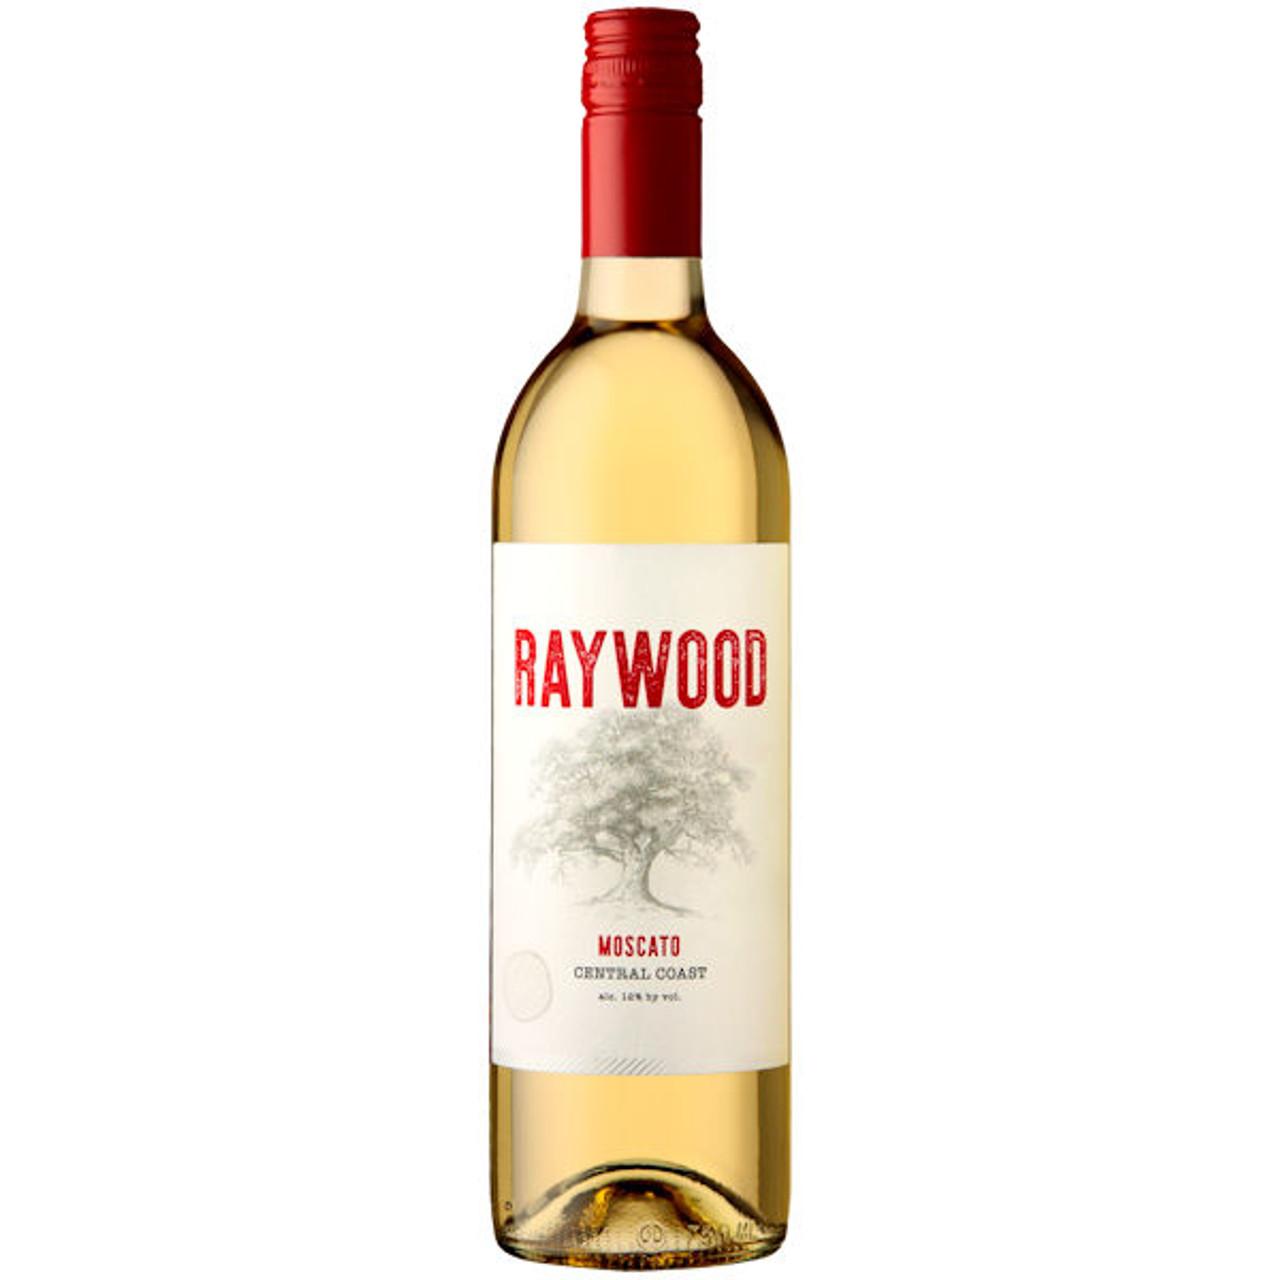 Raywood Central Coast Moscato